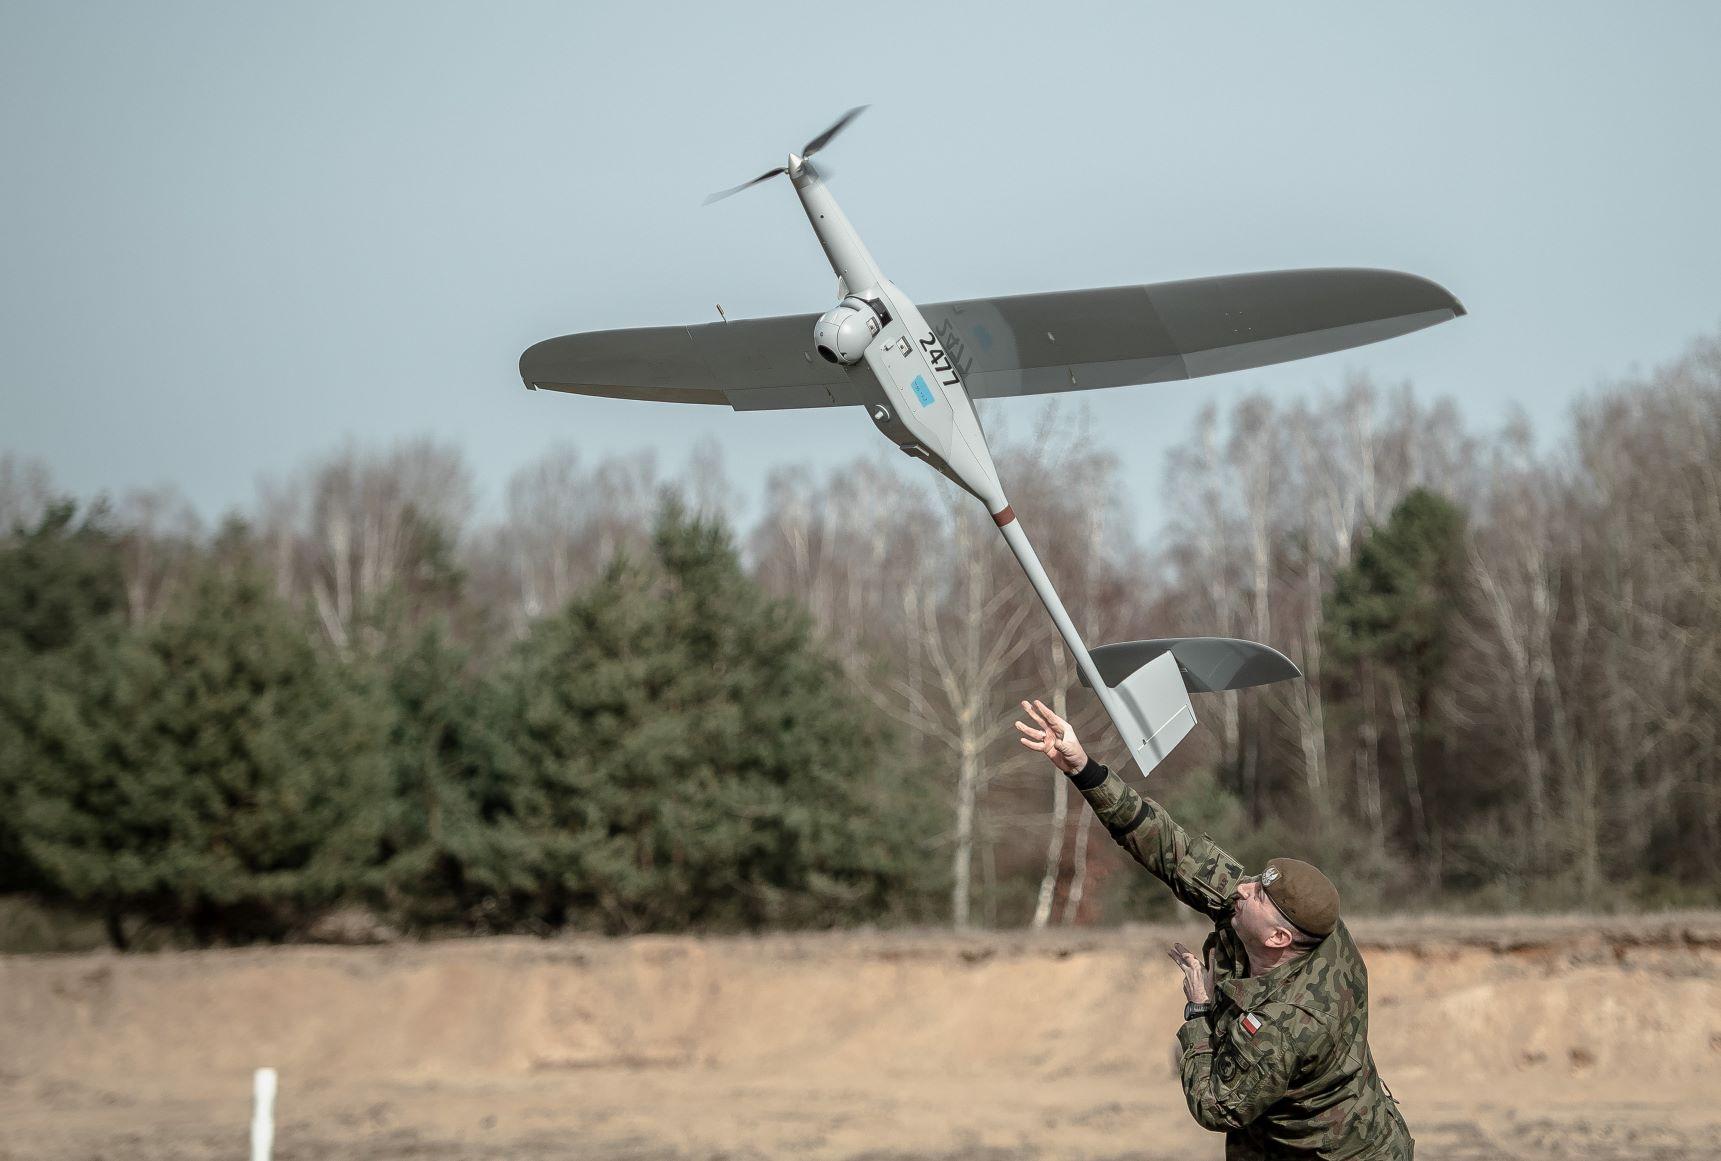 Lubelscy terytorialsi przeszli szkolenie z obsługi dronów - Zdjęcie główne